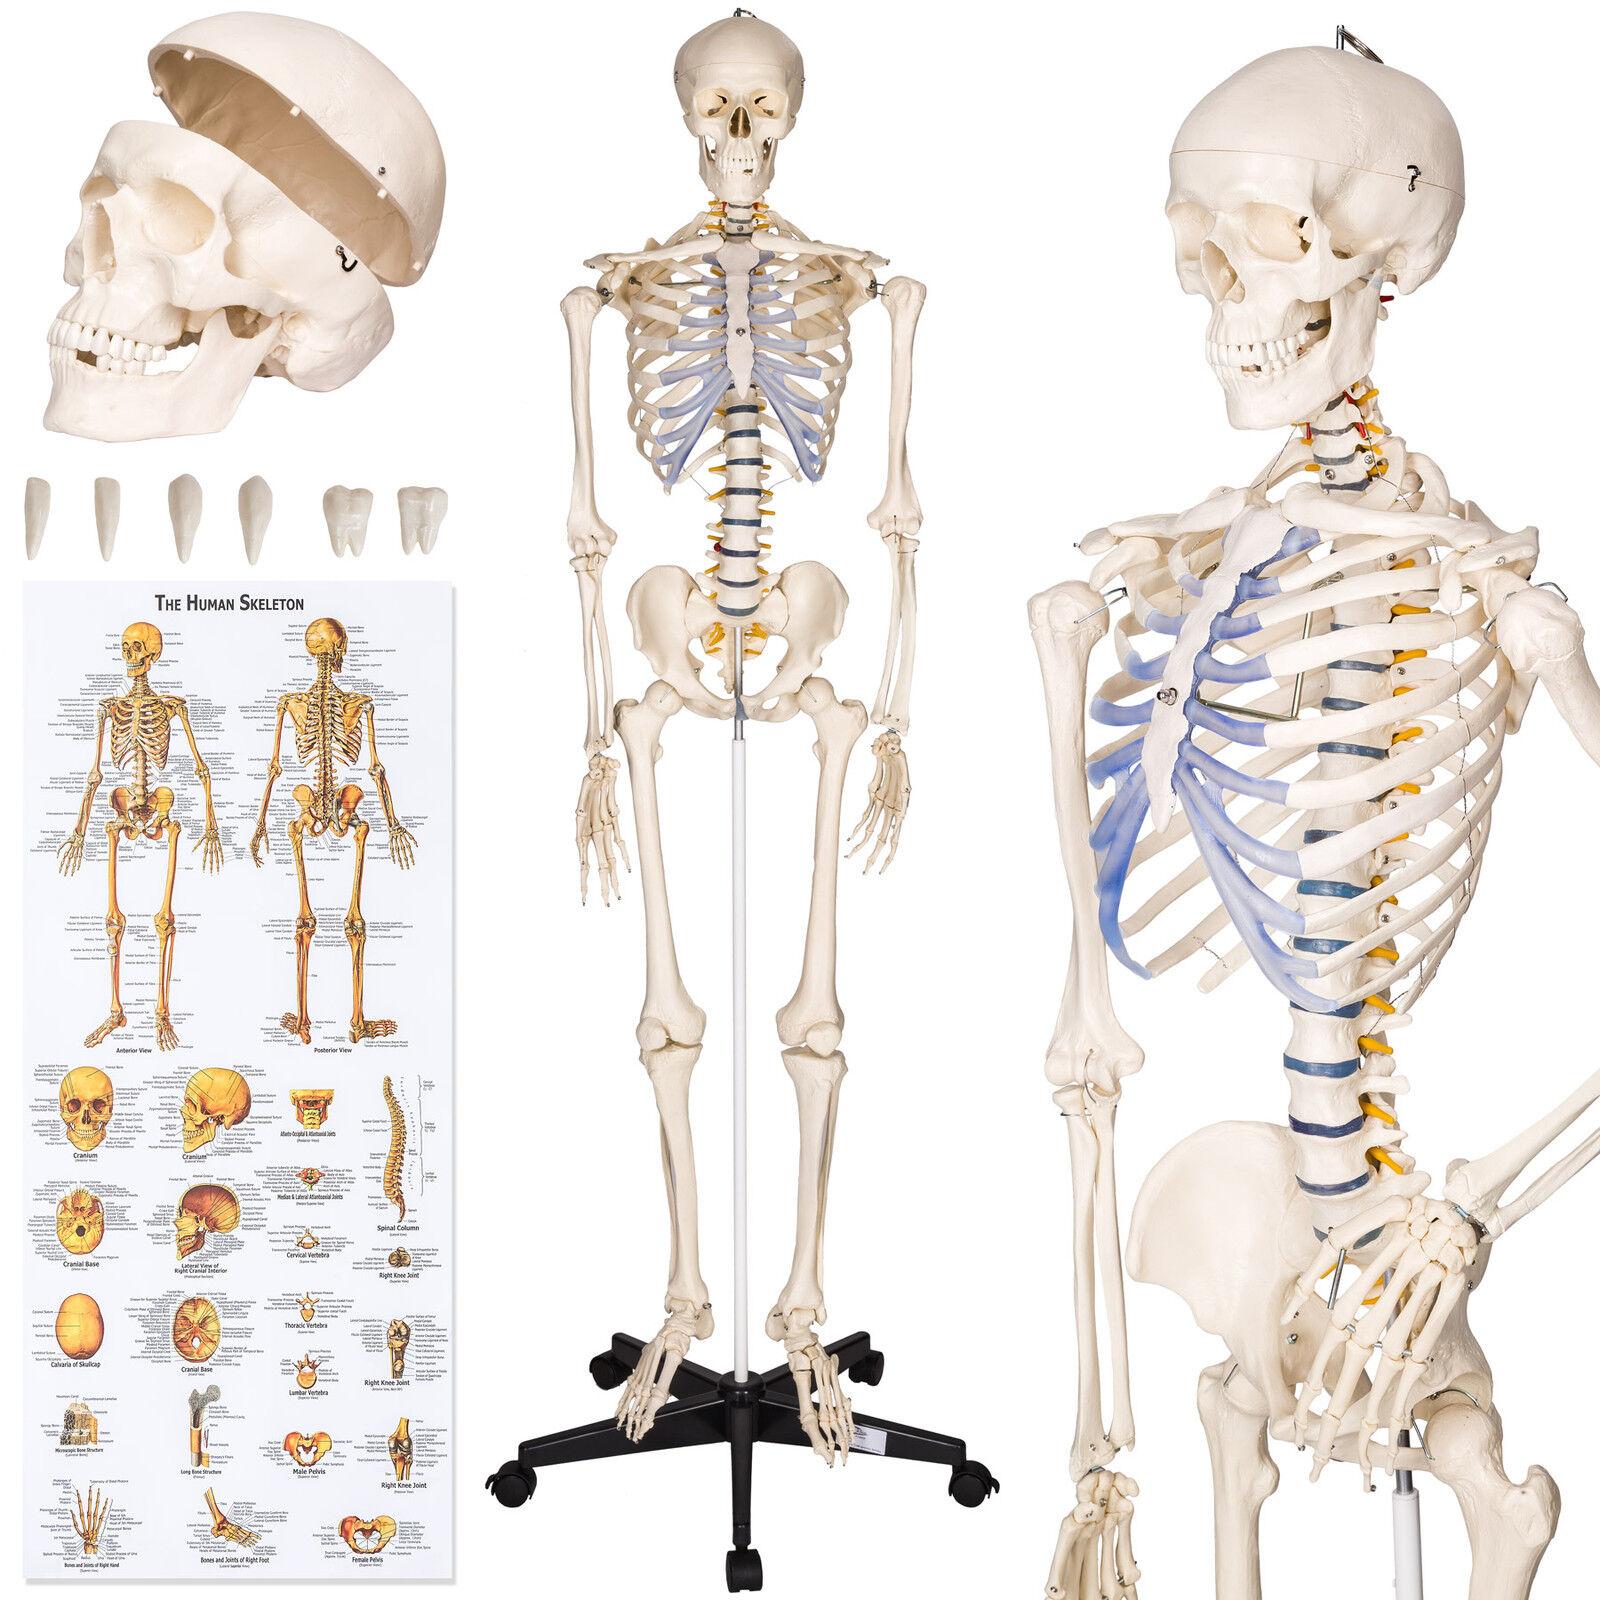 Nett Skelettanatomie Fuß Galerie - Anatomie Ideen - finotti.info